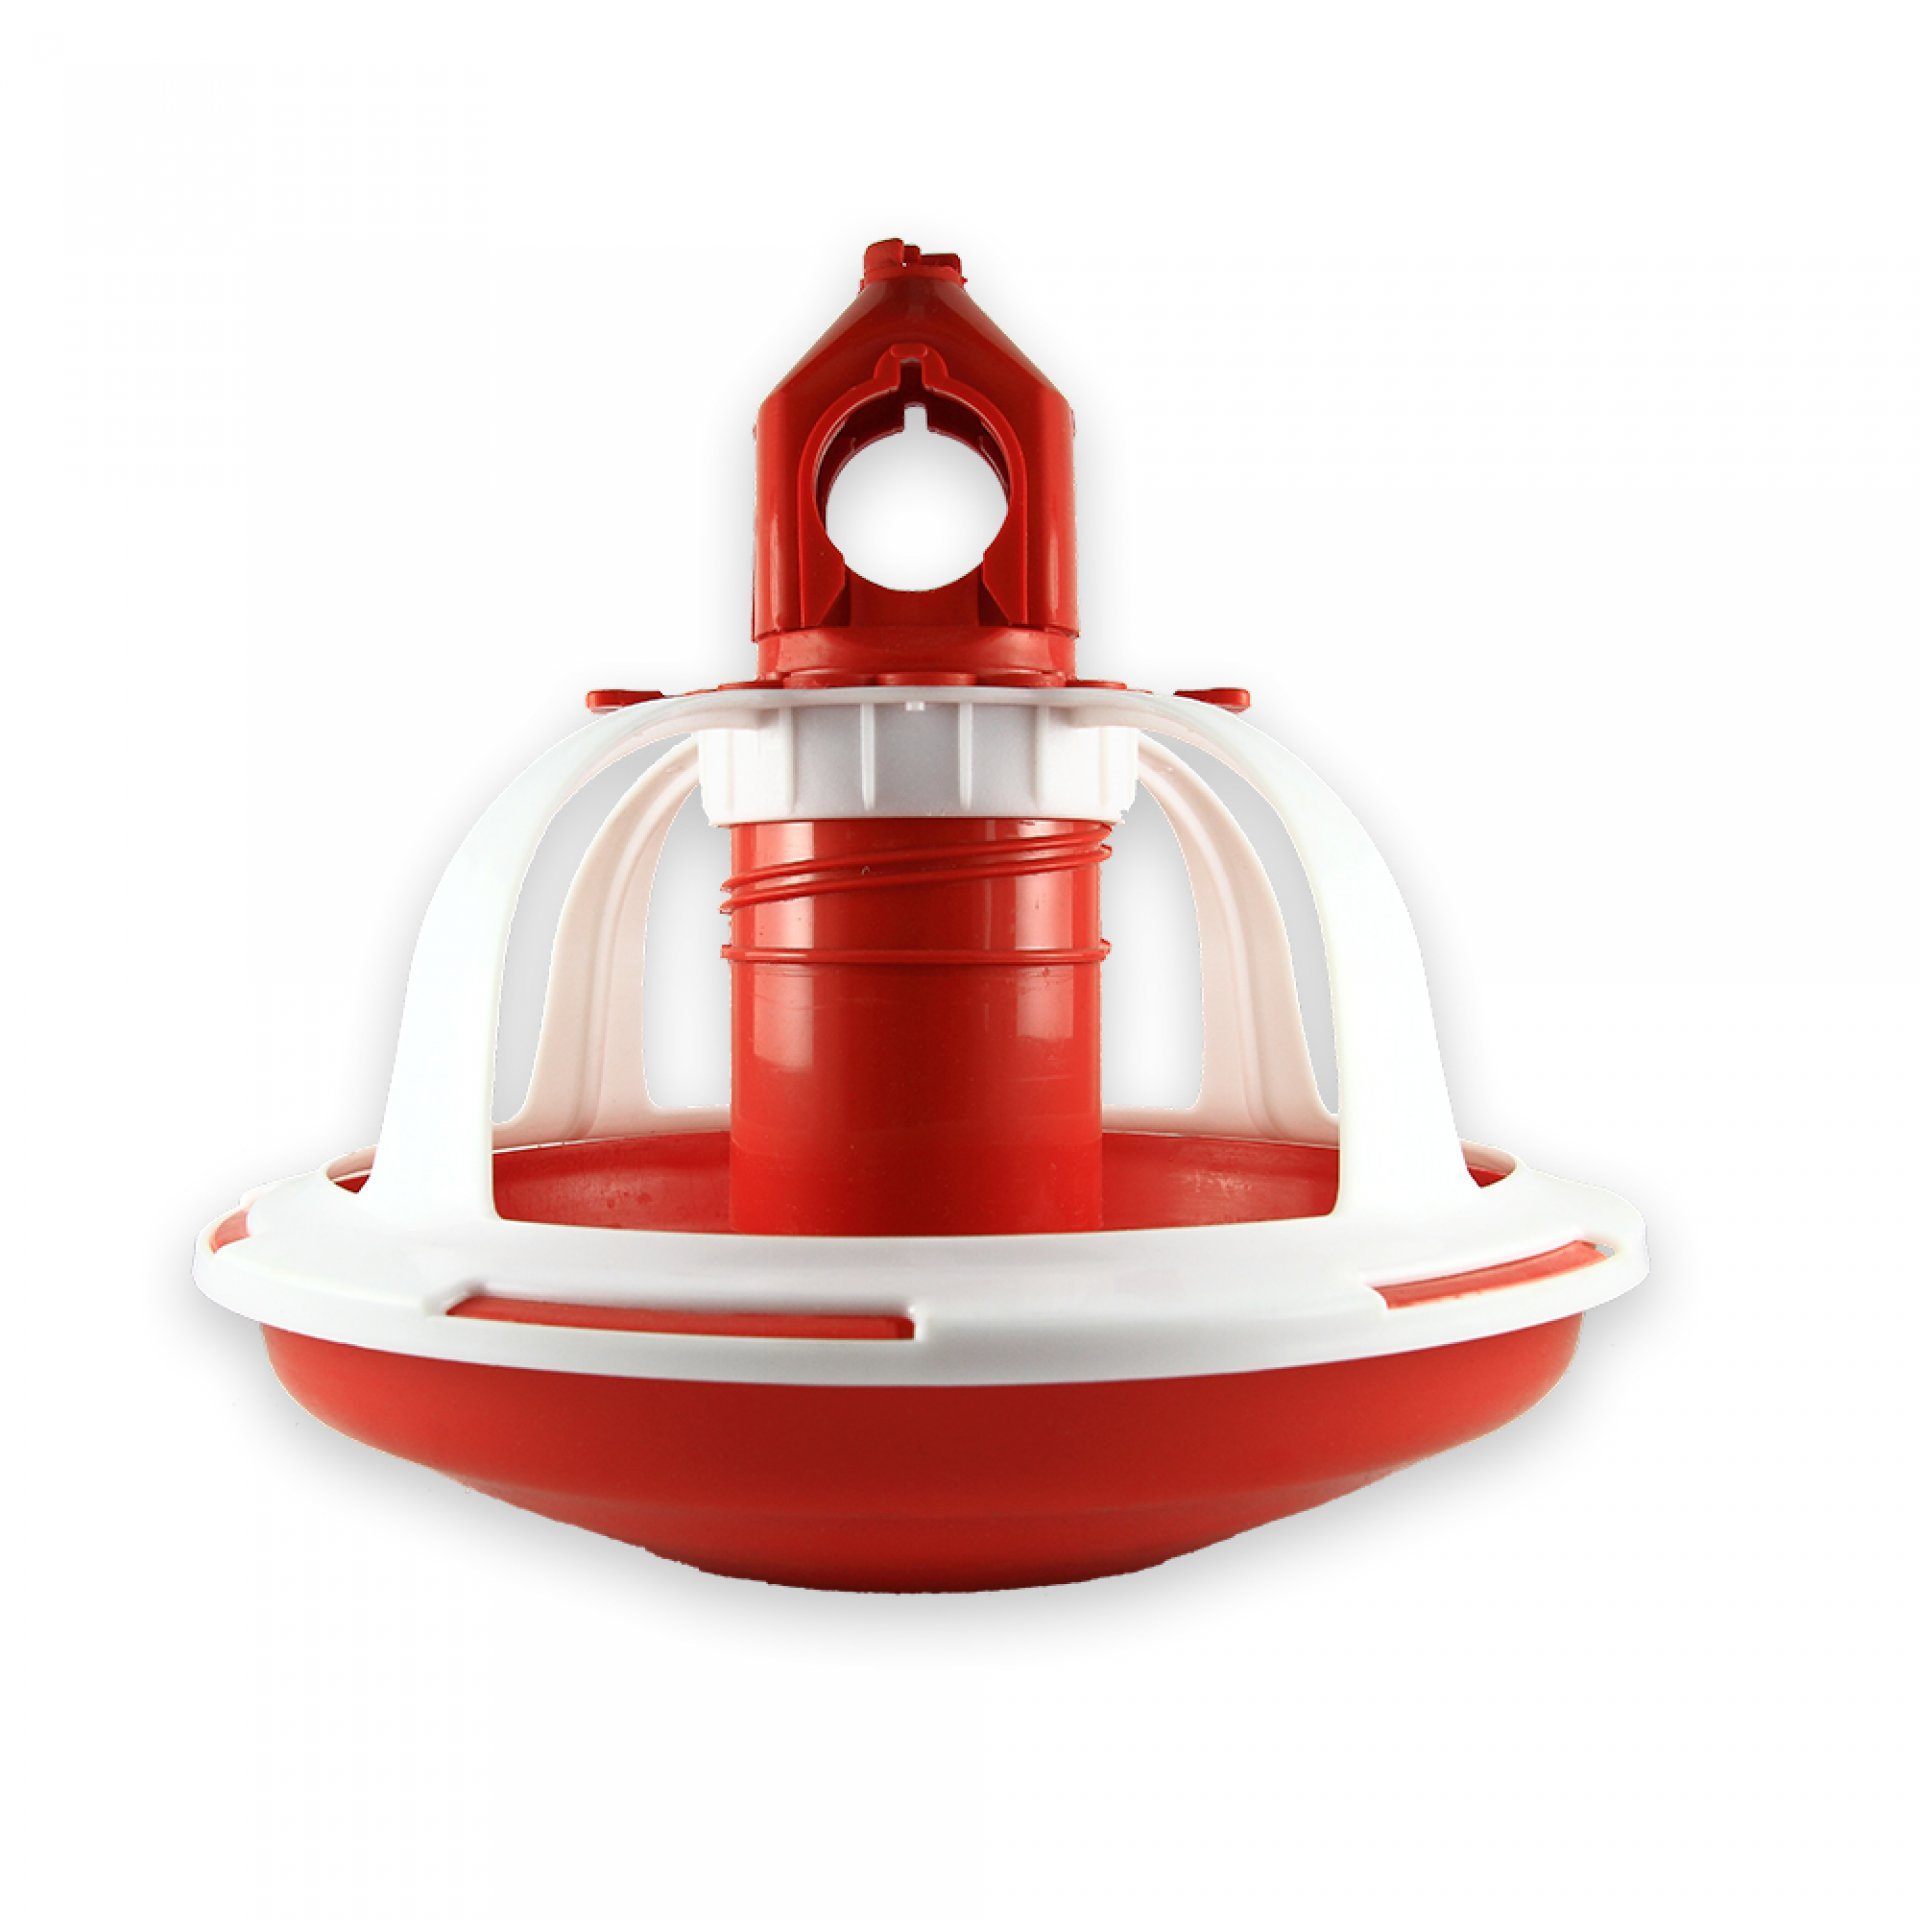 bym01-0201-broyler-feeder-pan